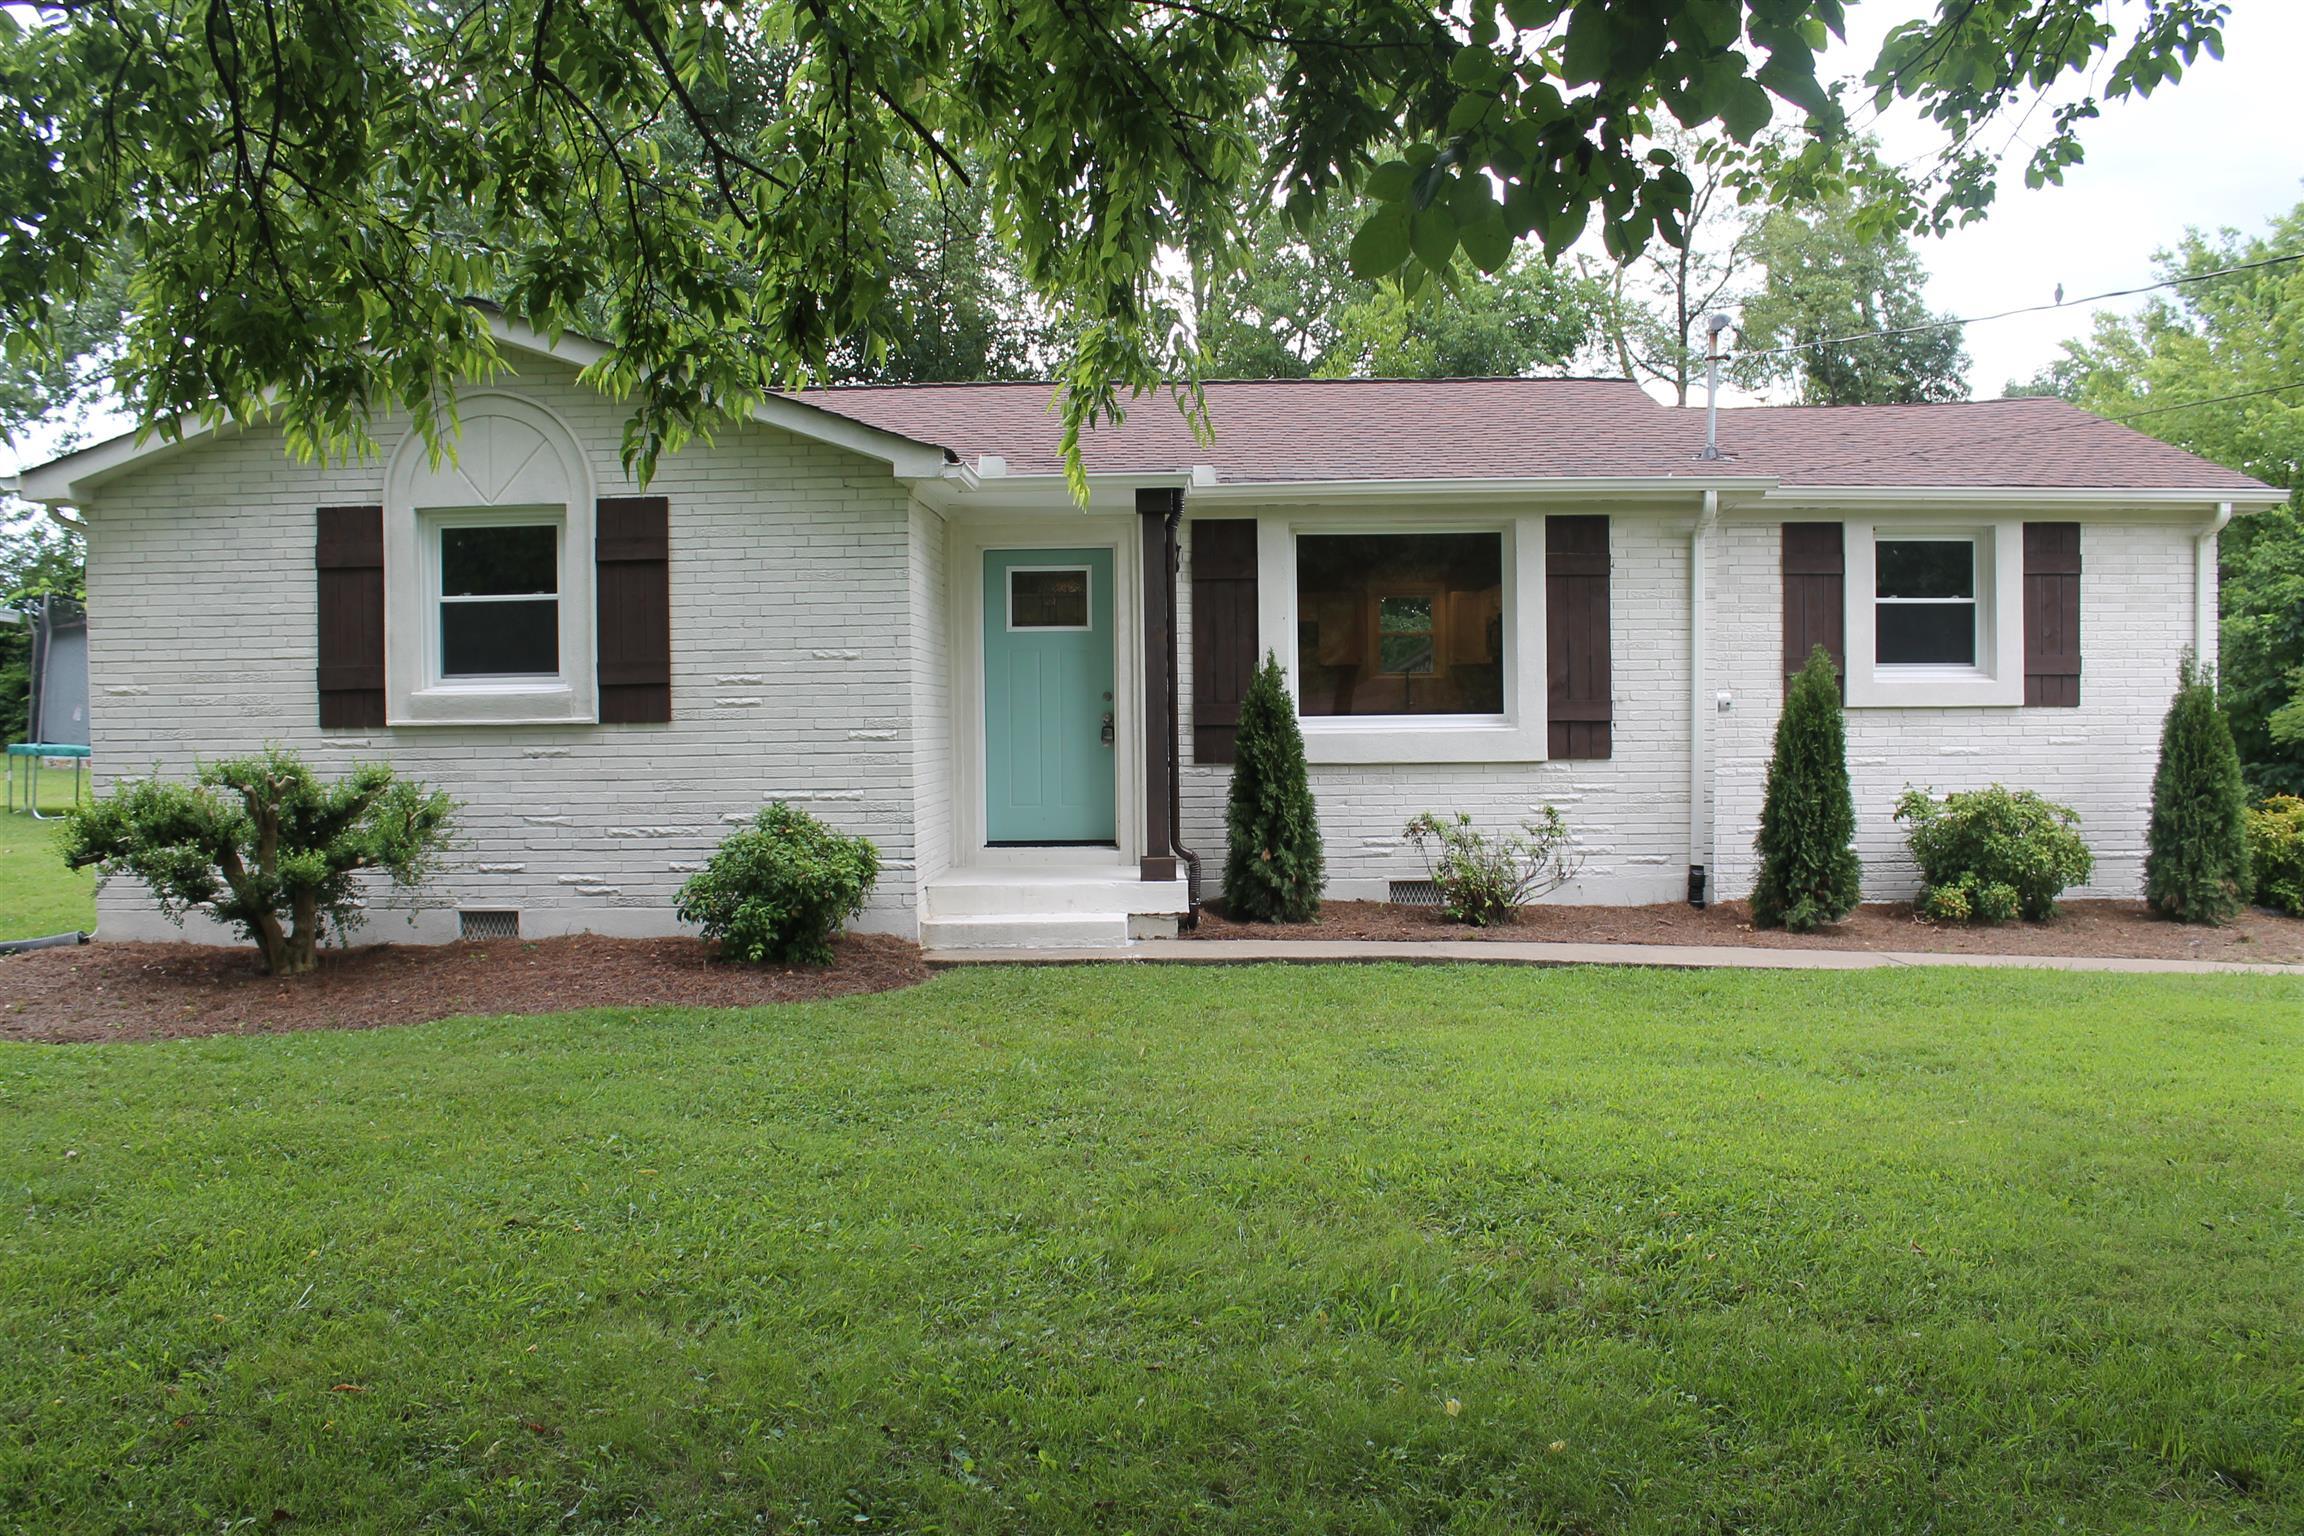 116 Cranwill Dr, Hendersonville, TN 37075 - Hendersonville, TN real estate listing